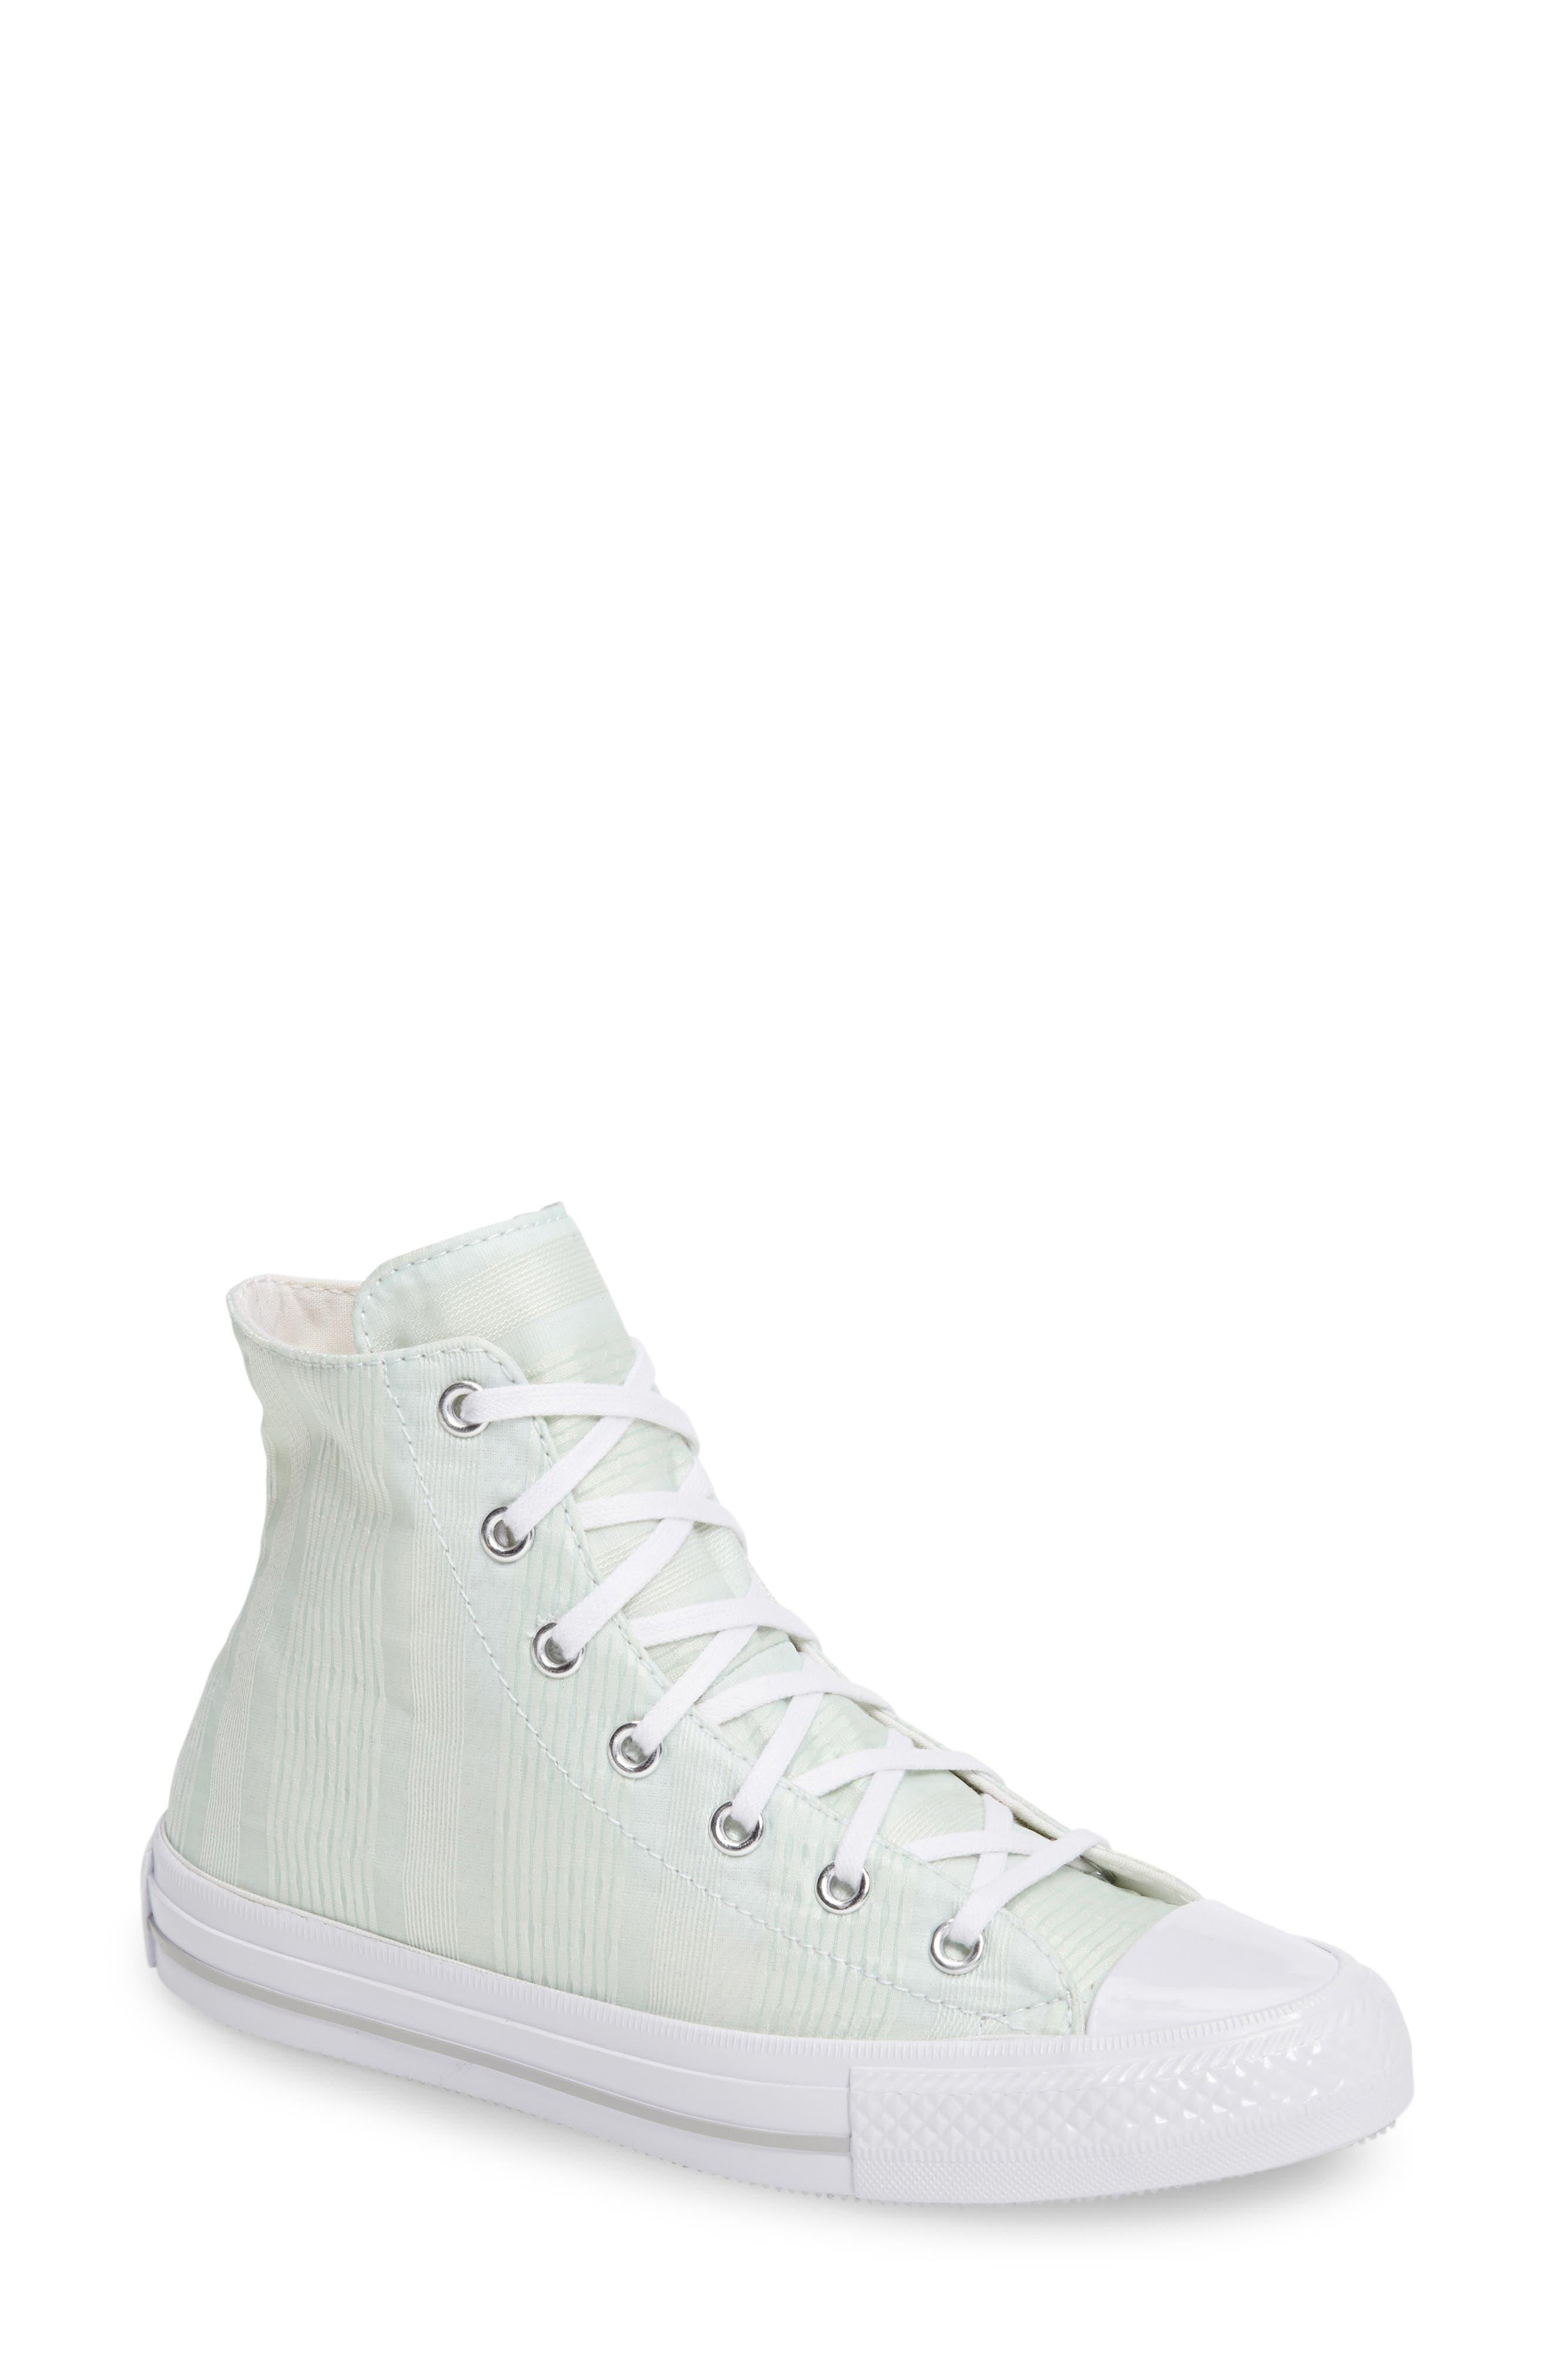 Main Image - Converse Chuck Taylor® All Star® Gemma High Top Sneaker (Women)